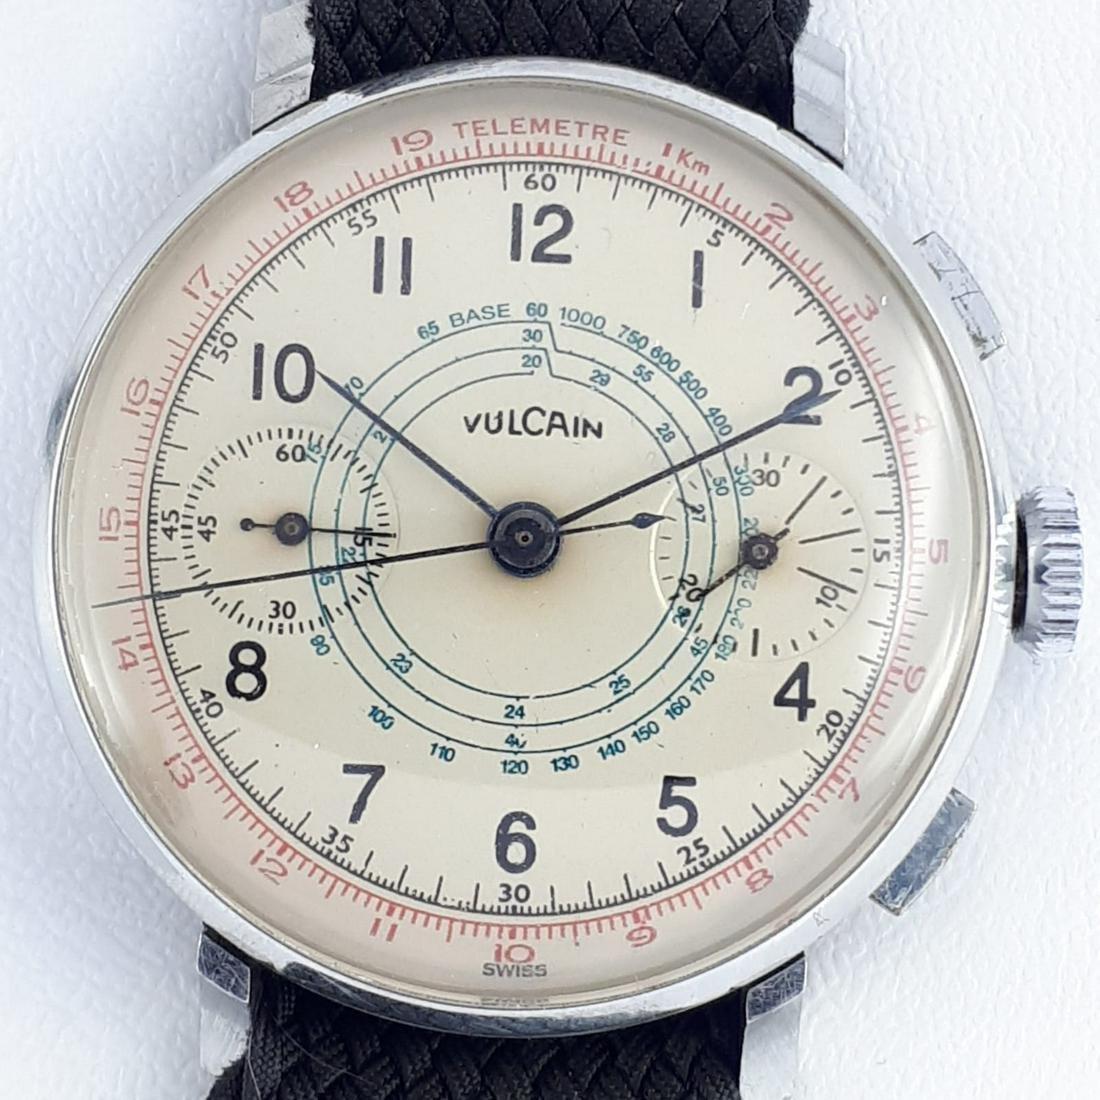 Vulcain - Vintage Chronographe - Ref: 51255 - Men -